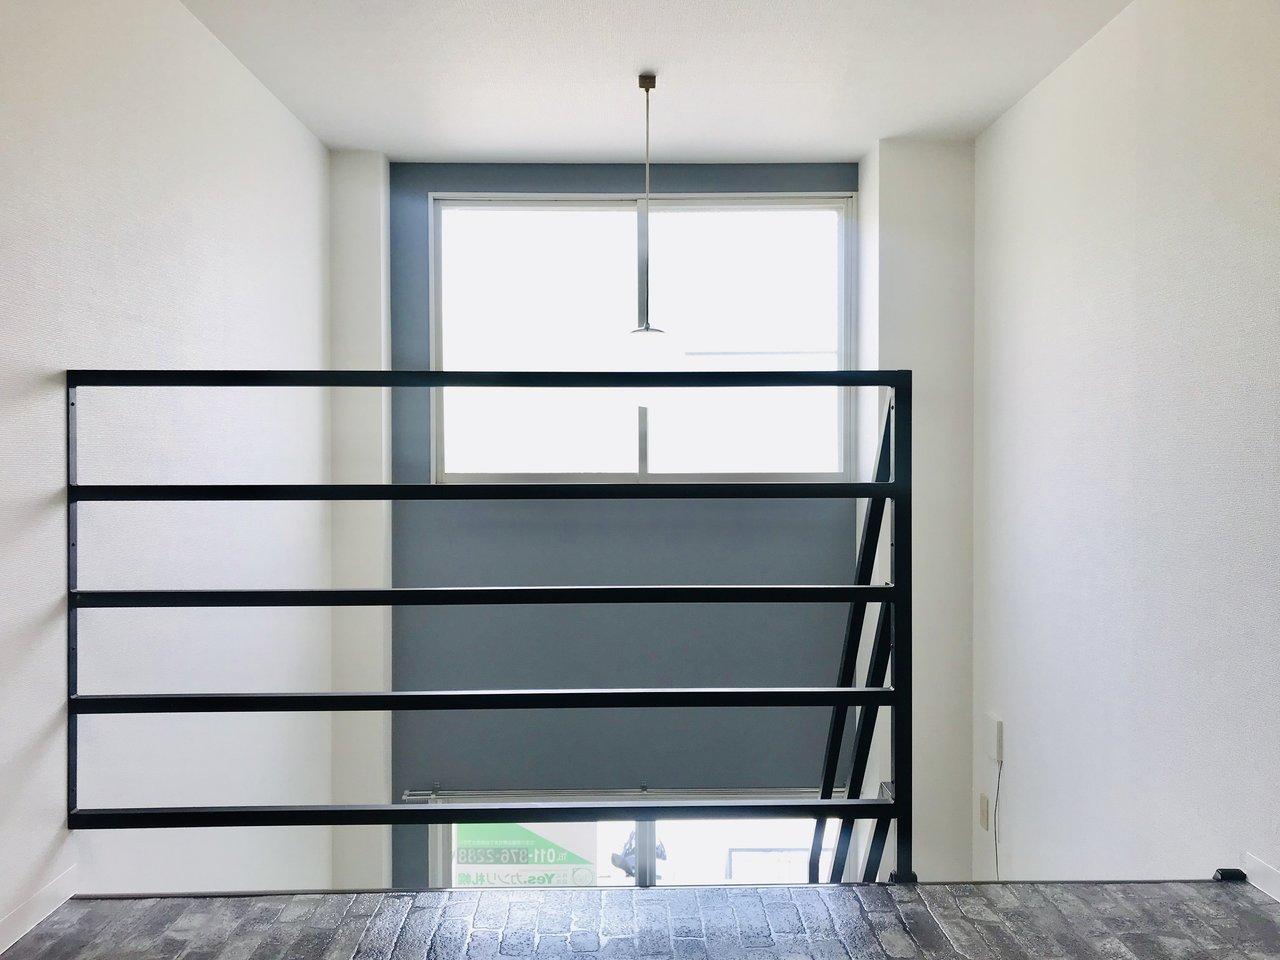 ロフト付き、ということは部屋全体も天井が高いということ。かなり開放的に暮らせそう。